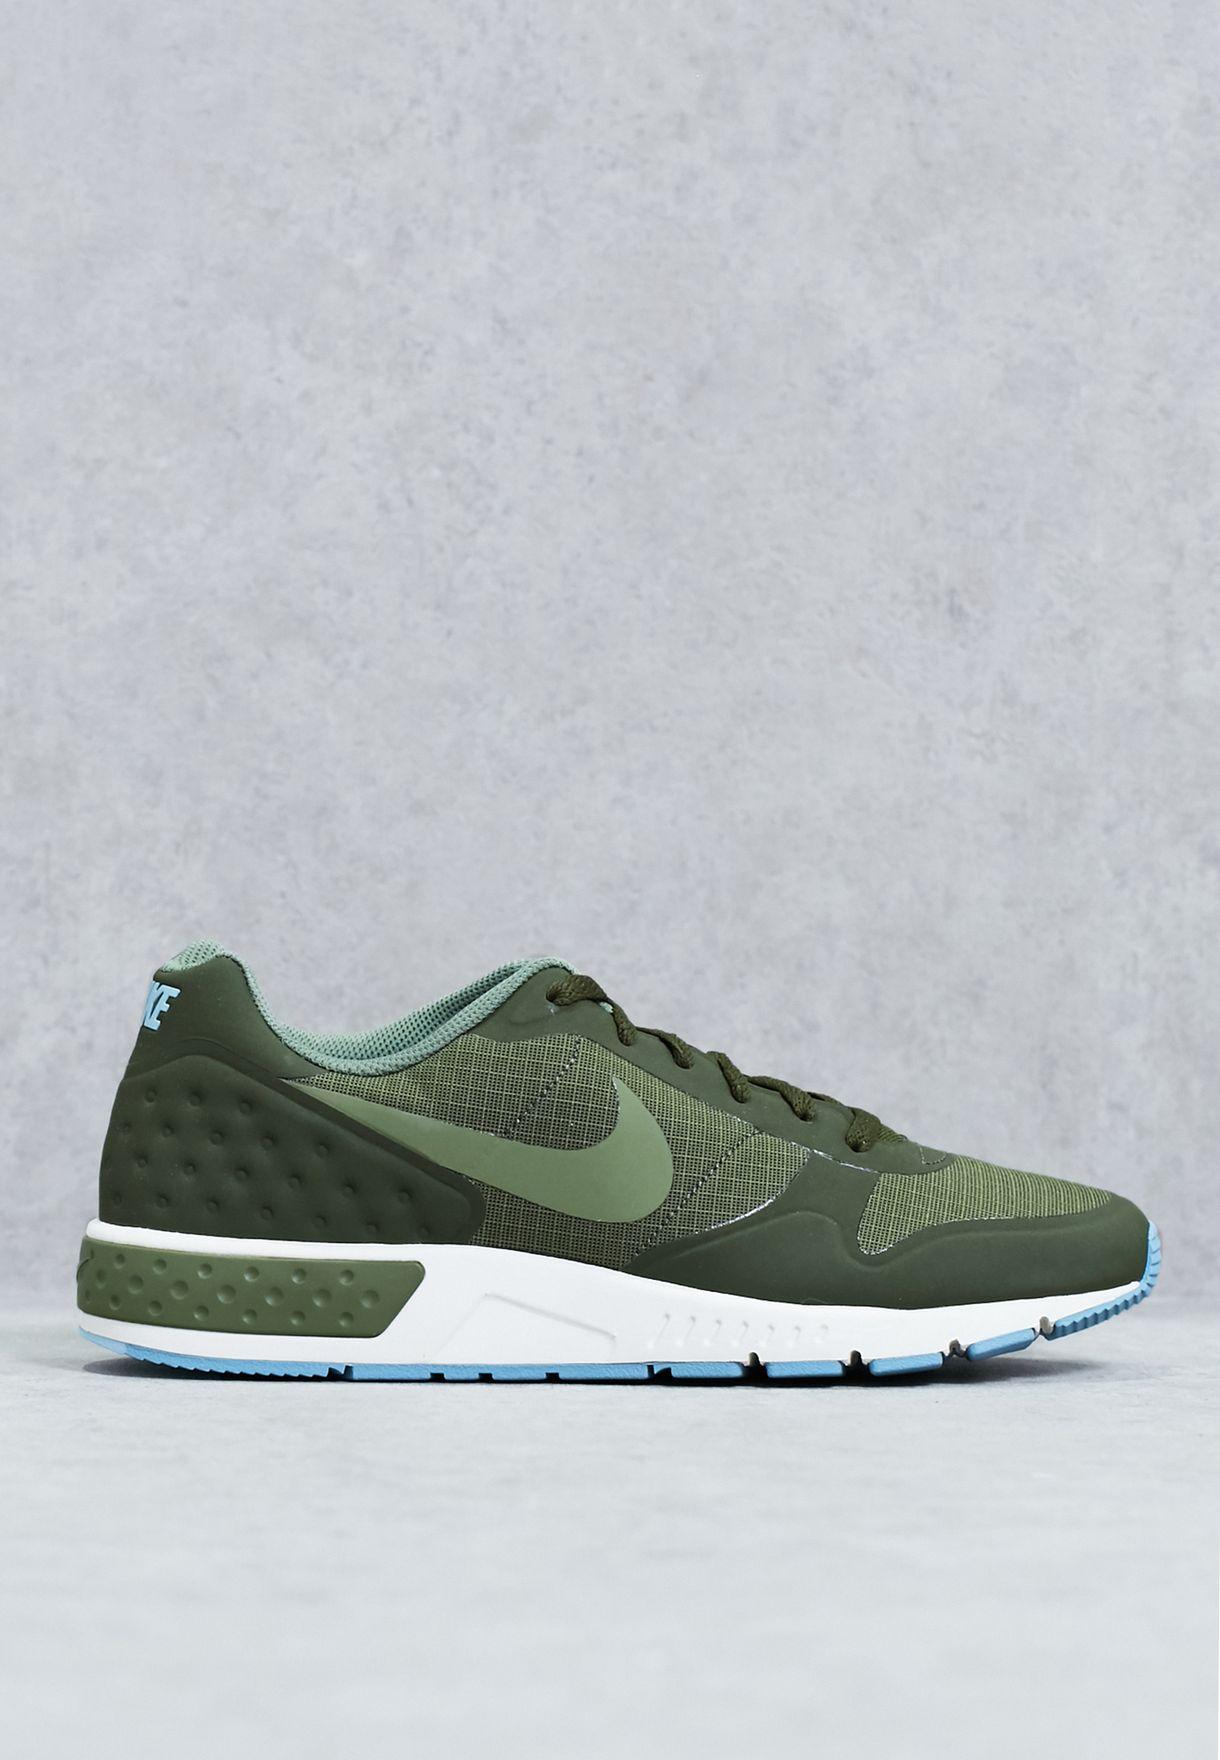 lowest price ba0ad c90dd Nike. Nightgazer LW